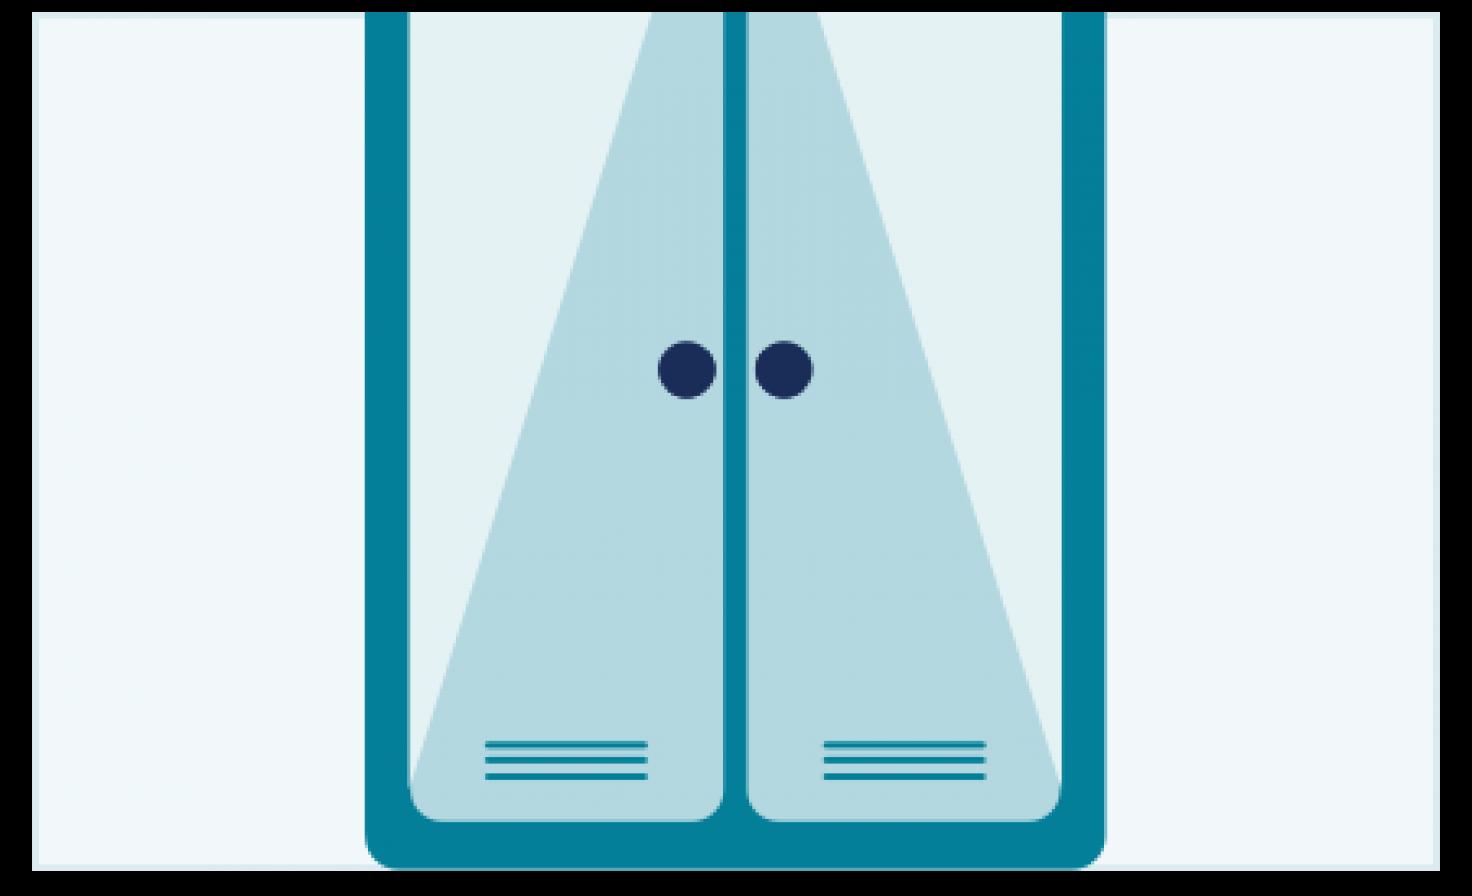 Schematische Darstellung Sauerstofftank